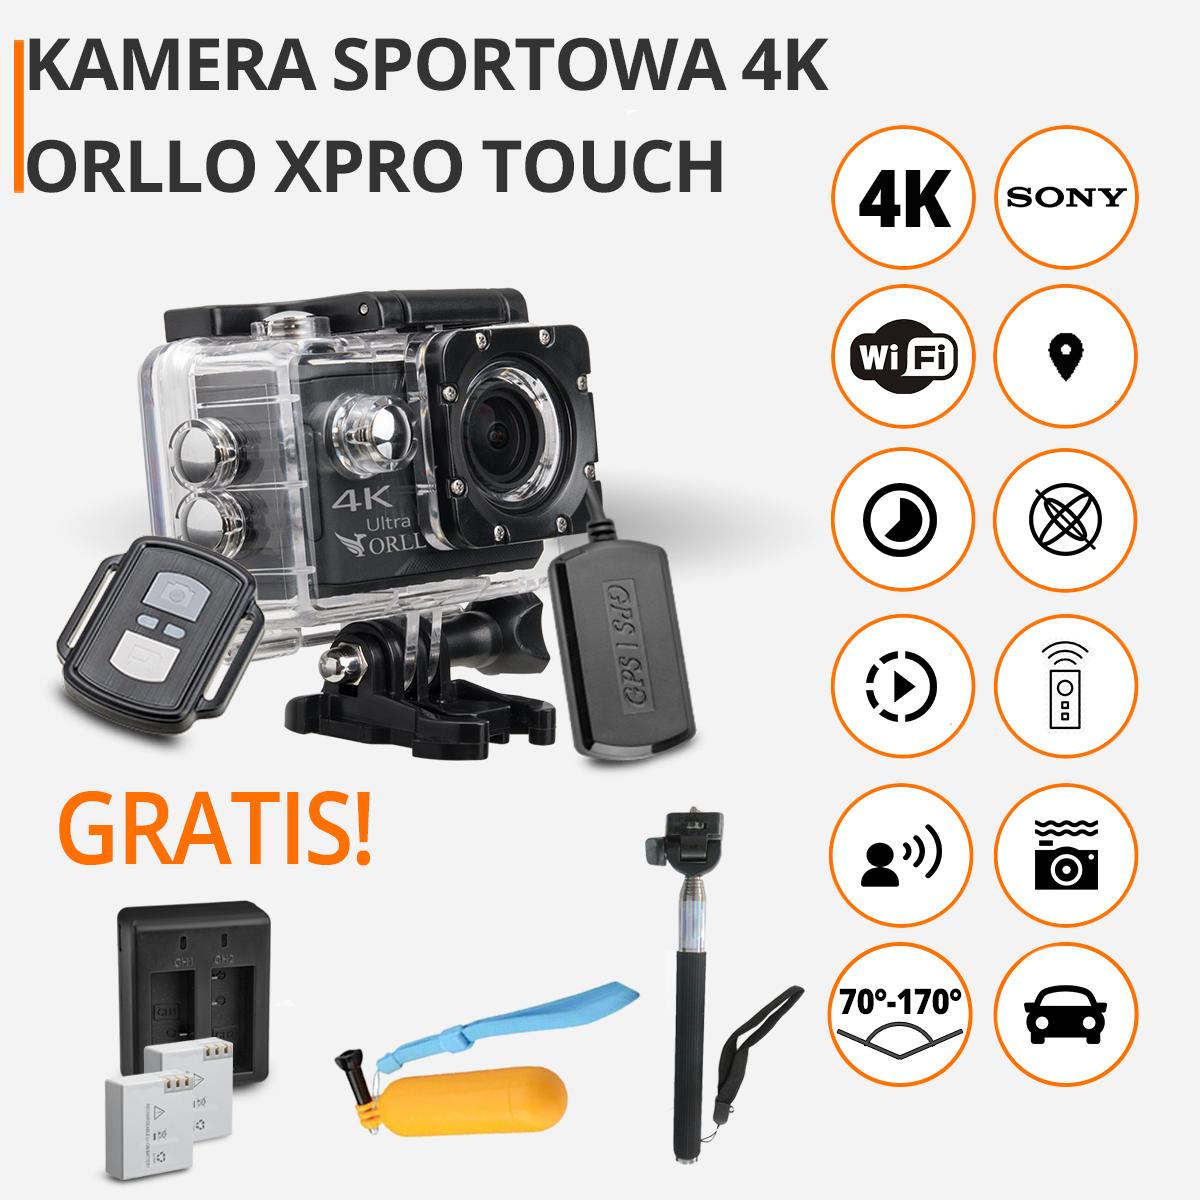 kamerka-sportowa-XPRO-ORLLO-PL.png